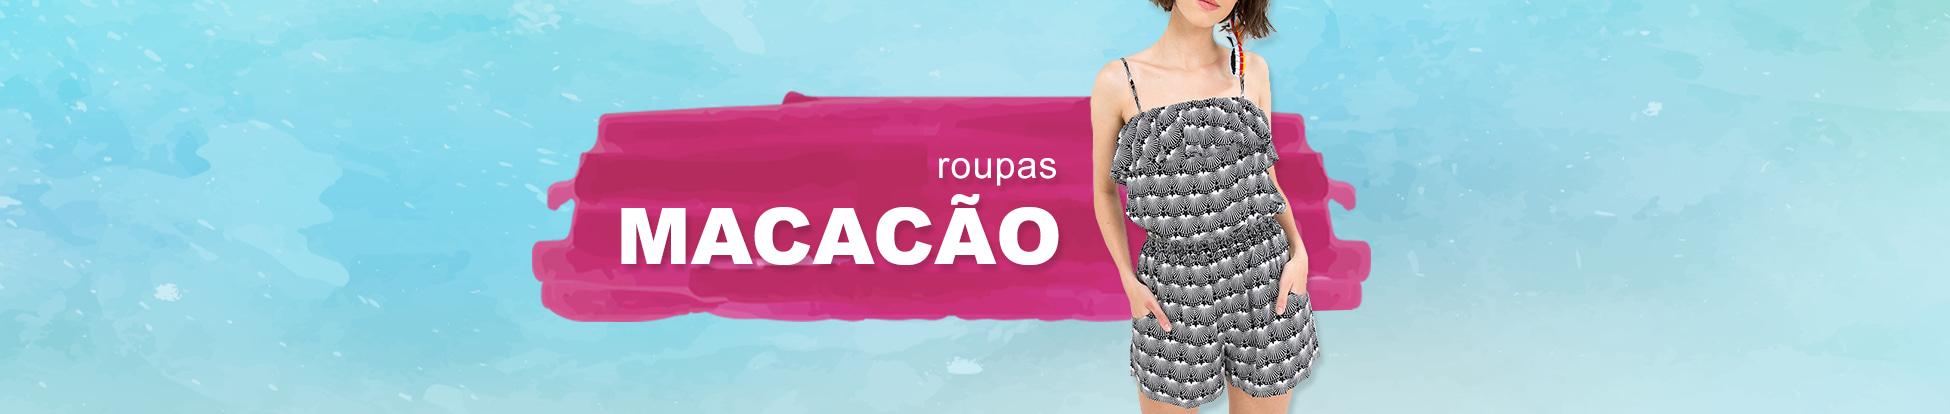 Roupas - Macacão